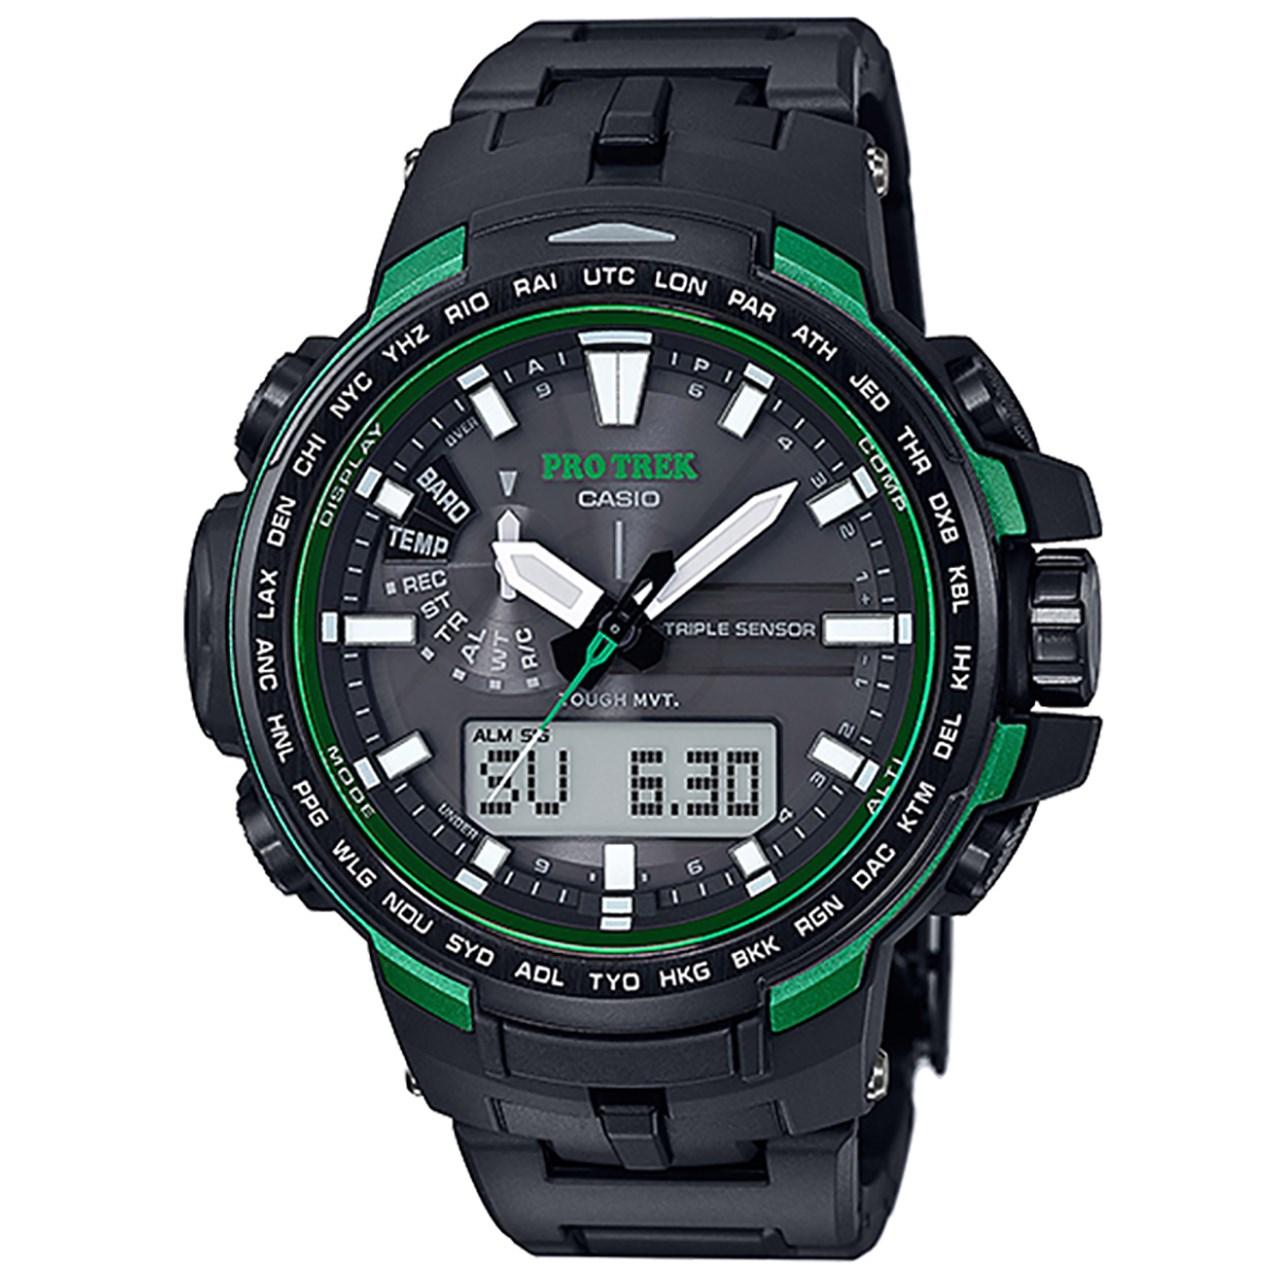 خرید ساعت مچی عقربه ای مردانه کاسیو مدل PRW-6100FC-1DR